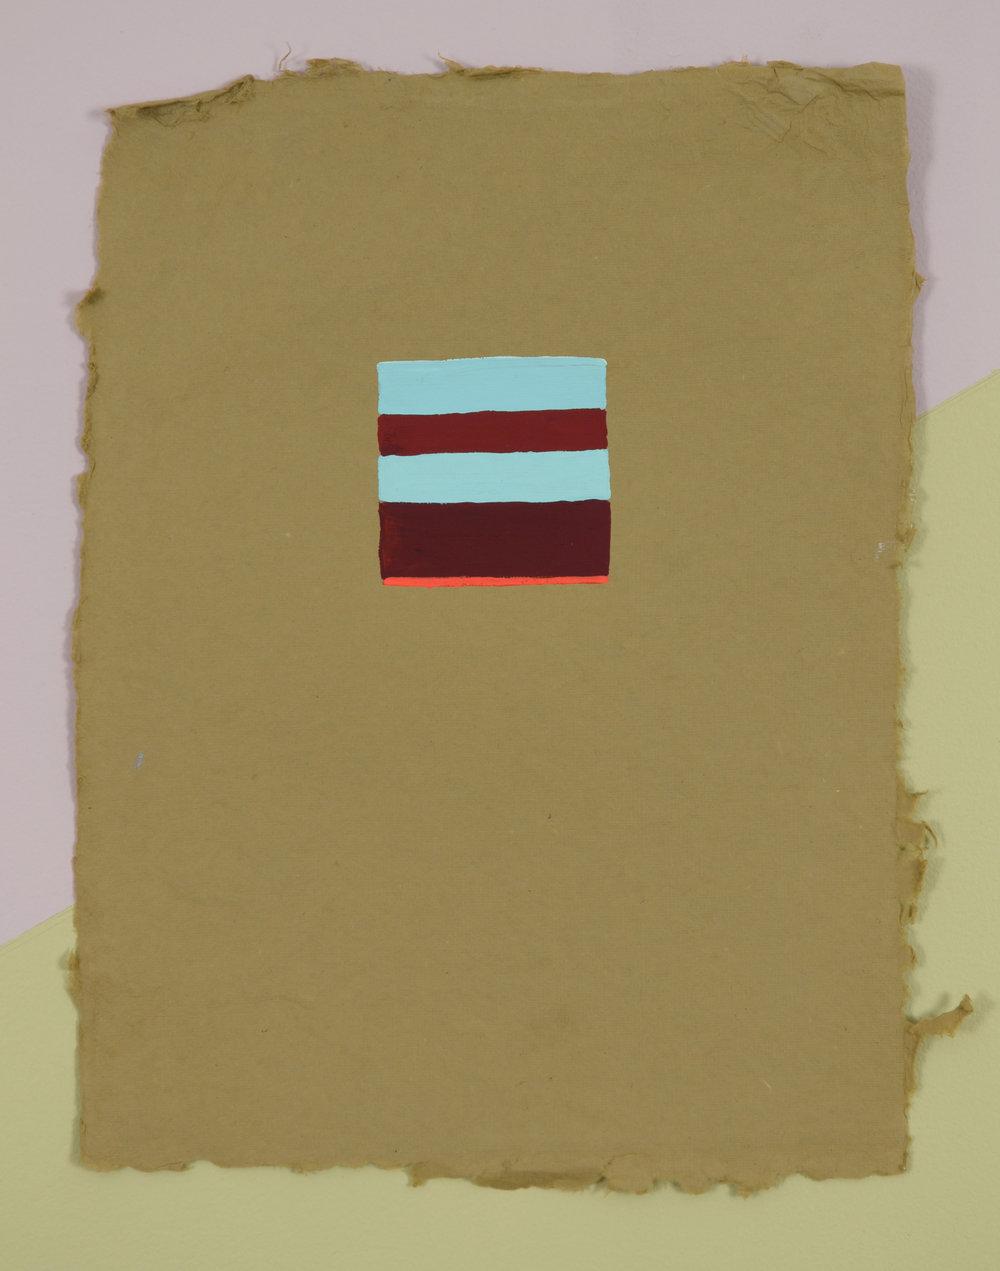 Tantra Stripe #3